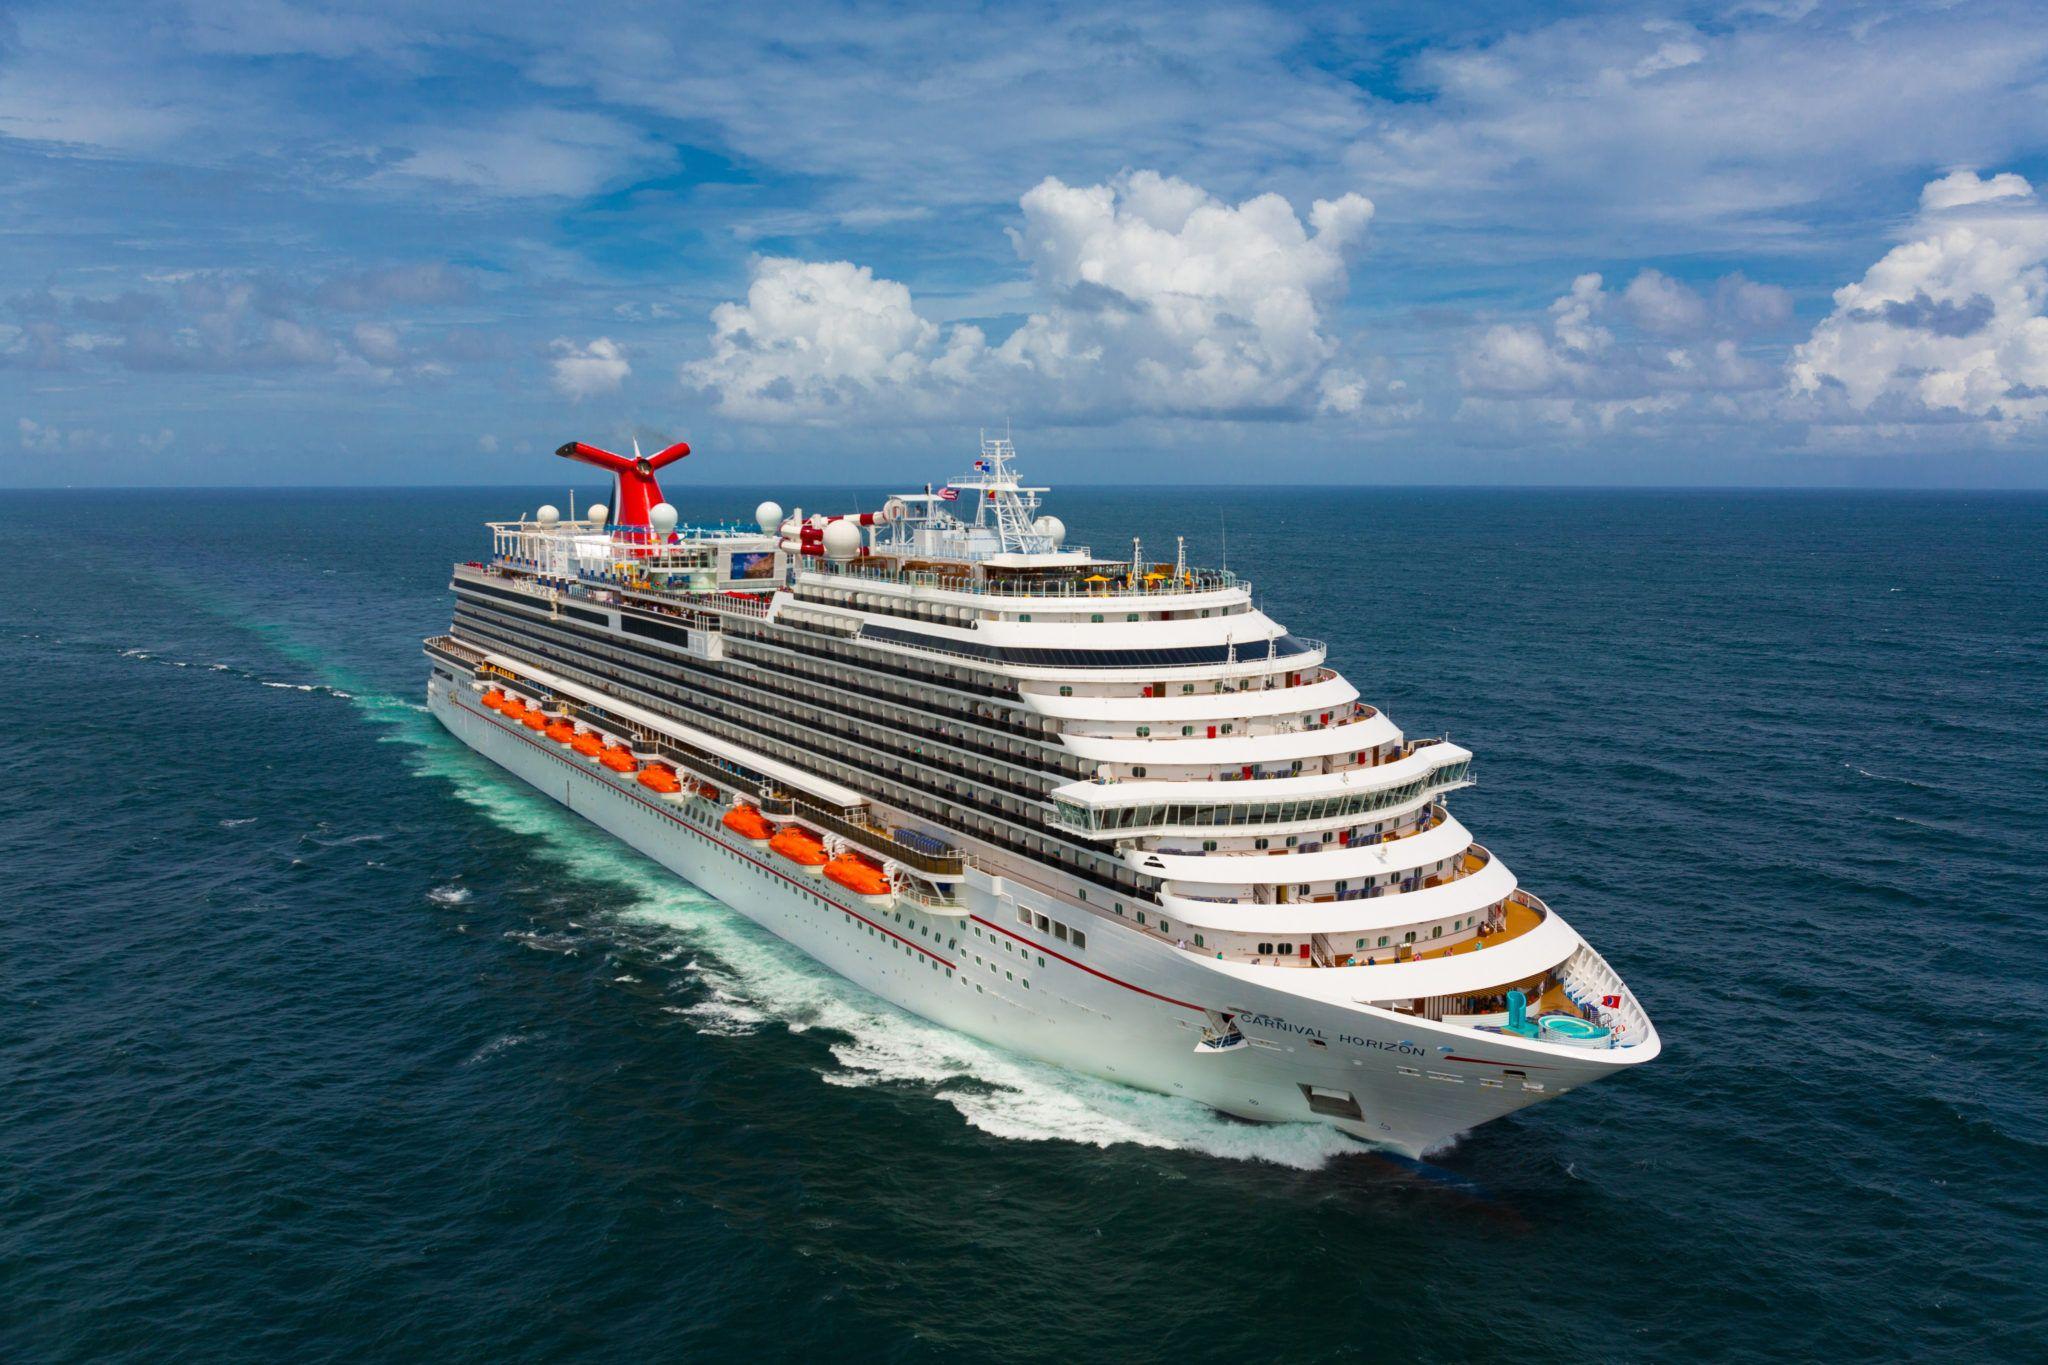 Florida Port Closure Leaves Miami Cruise Passengers